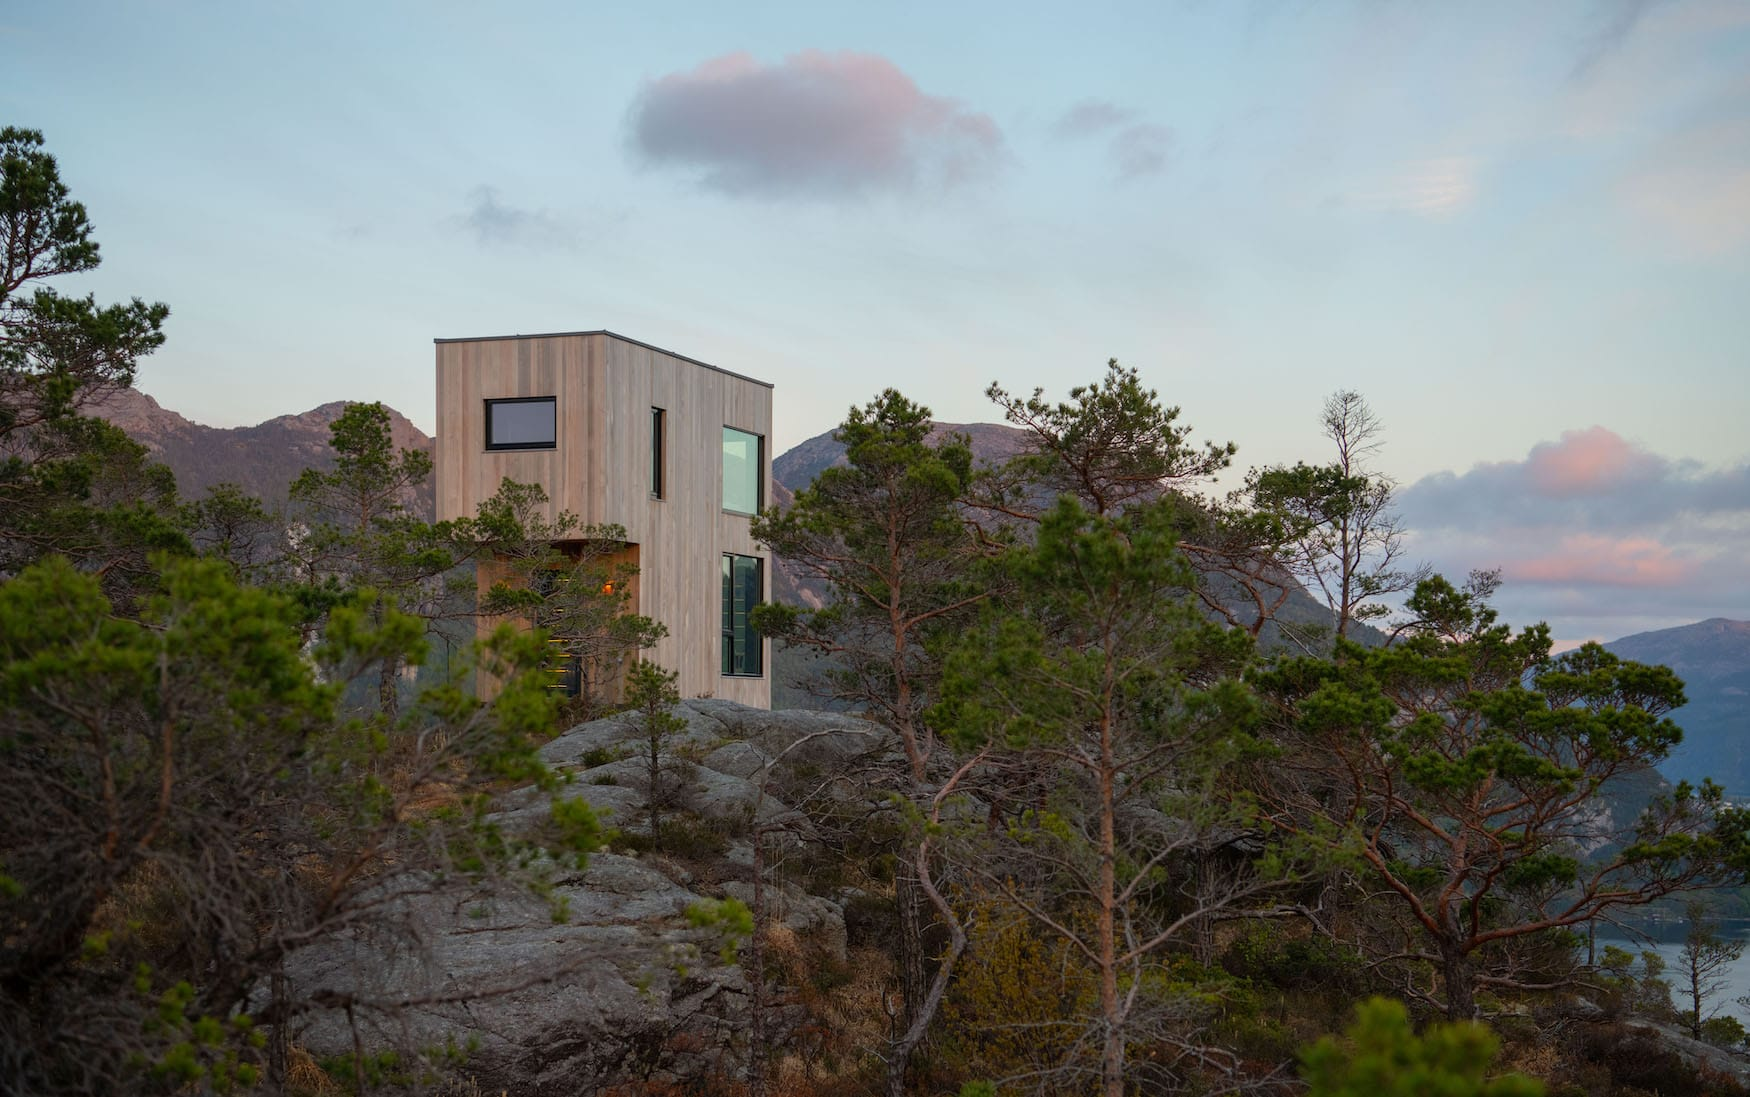 Die The Bolder Skylodge beeindruckt mit spektakulärer Lage und Architektur